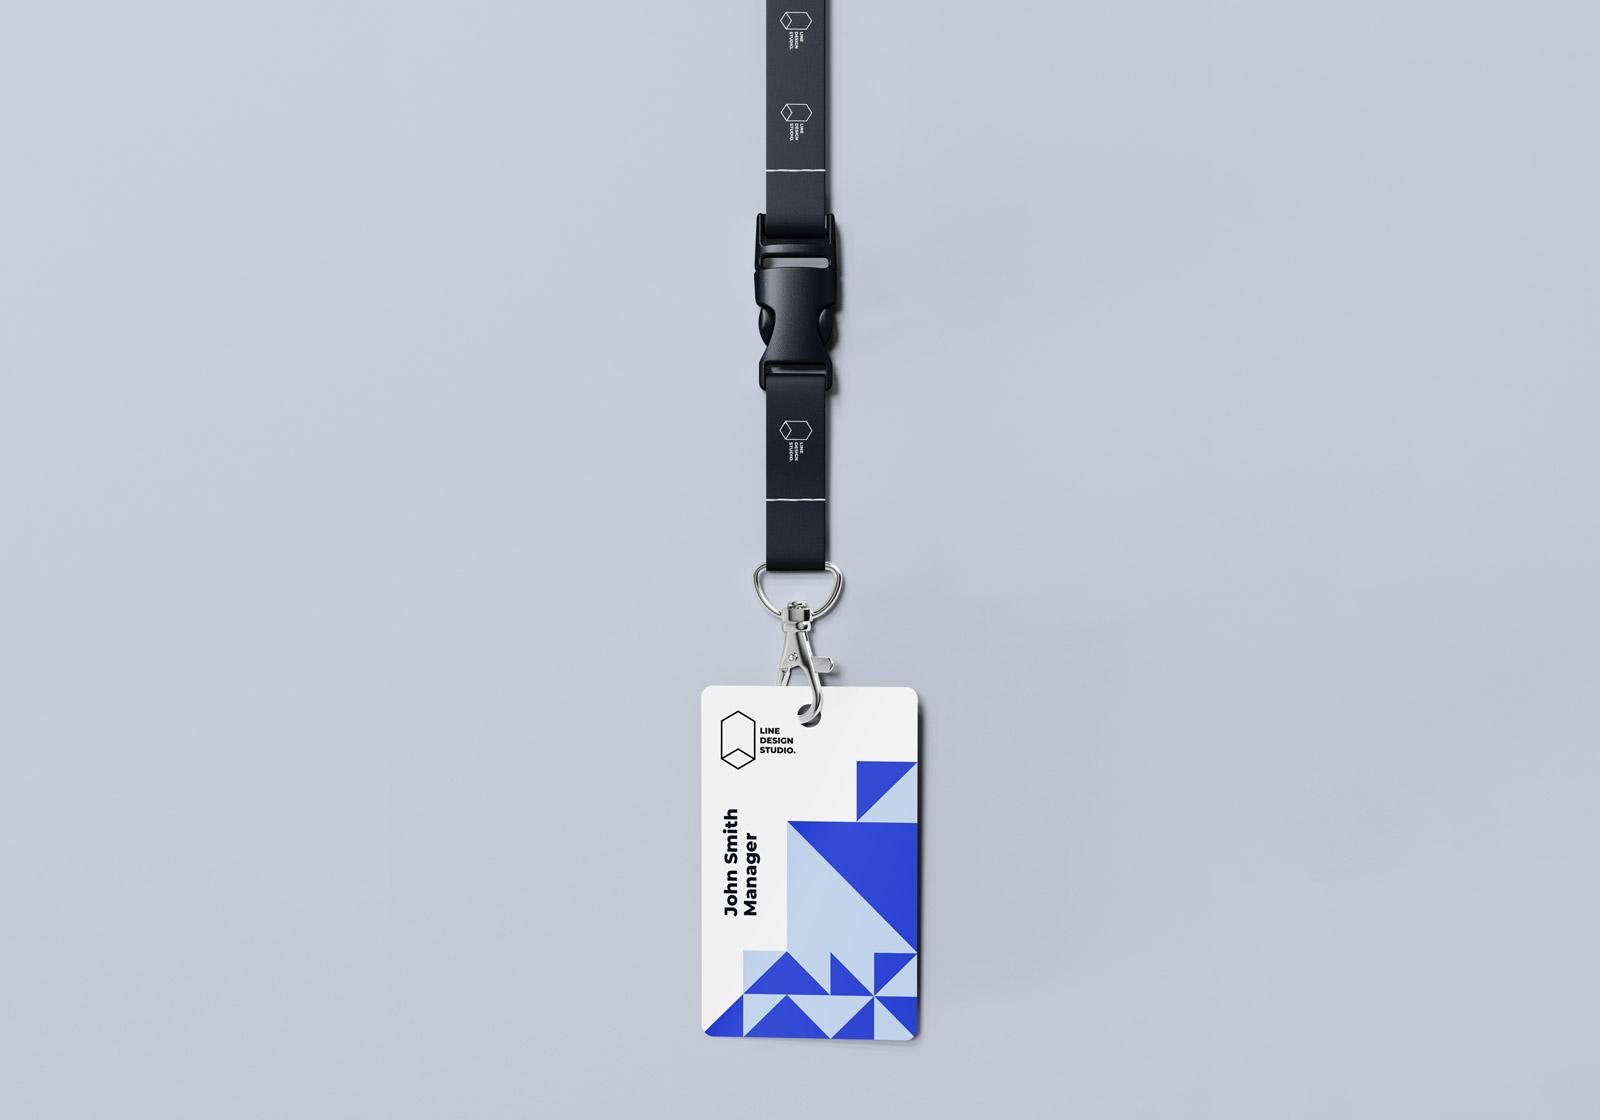 Blue Iguana Media: Houston Web Design Company